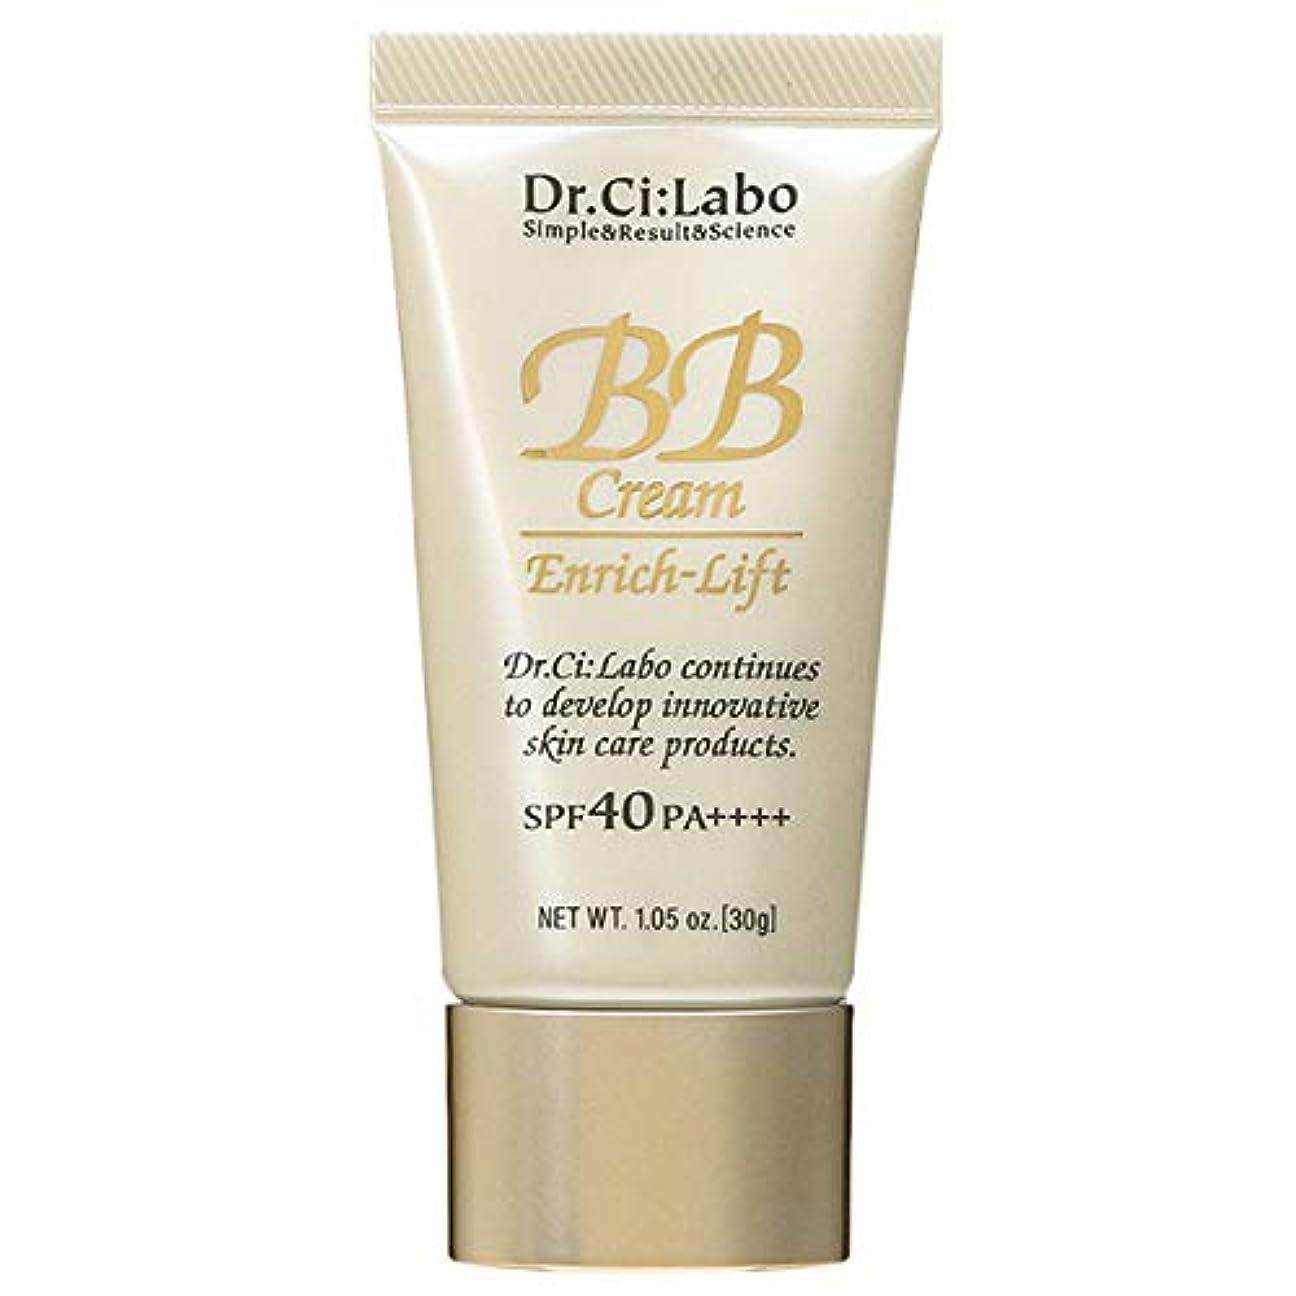 バンドル緊張震えドクターシーラボ Dr.Ci:Labo BBクリーム エンリッチリフトLN18 SPF40 PA++++ 30g